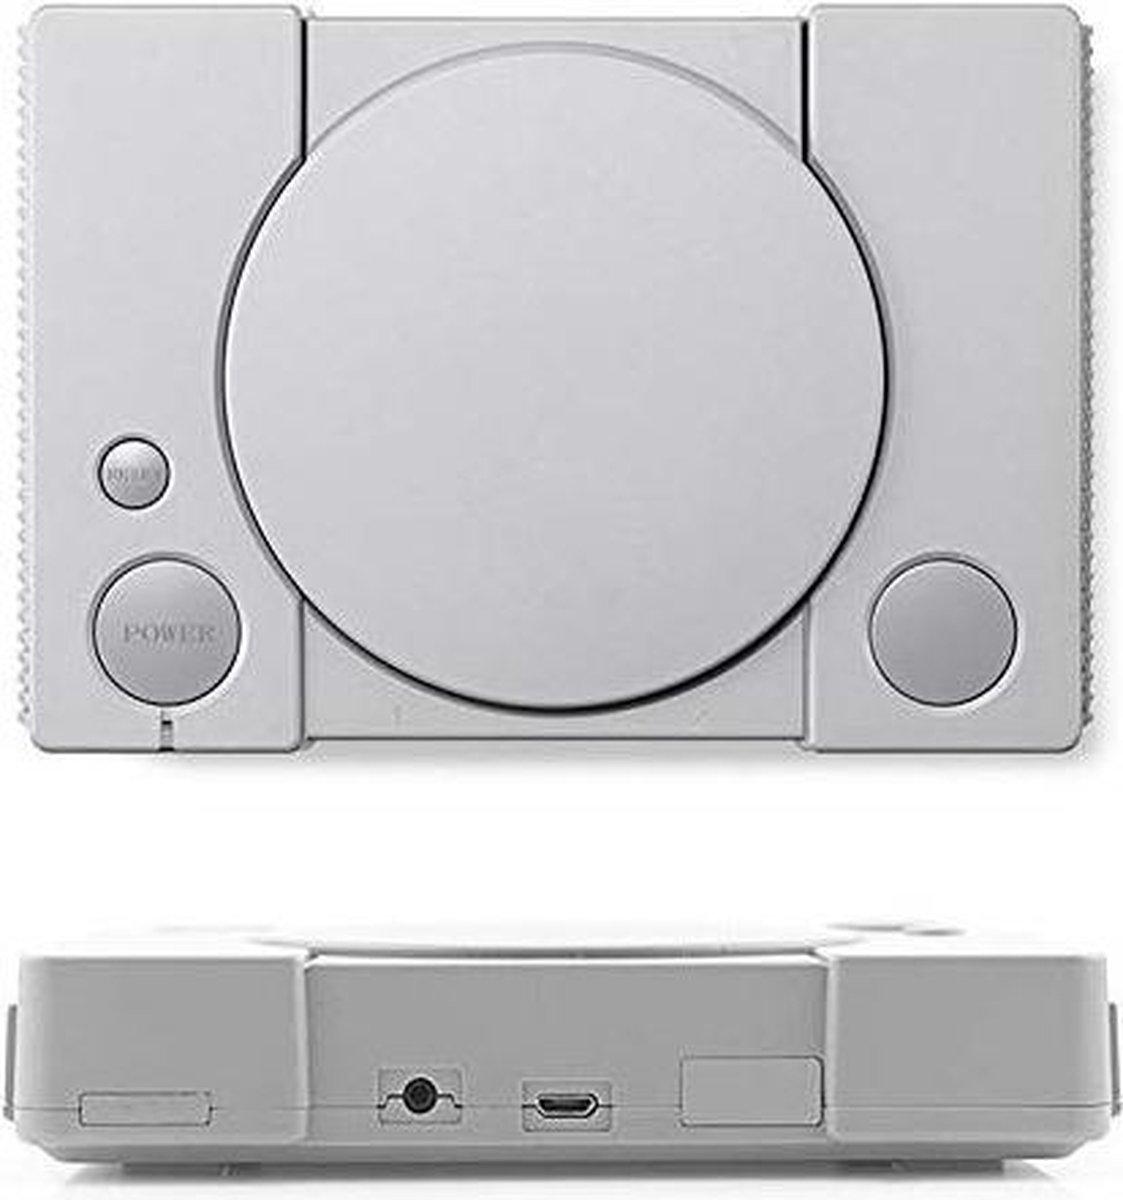 Retro game console - PS 621 Games - Classic - 8bit - Vintage - Klasiek - Videogame console